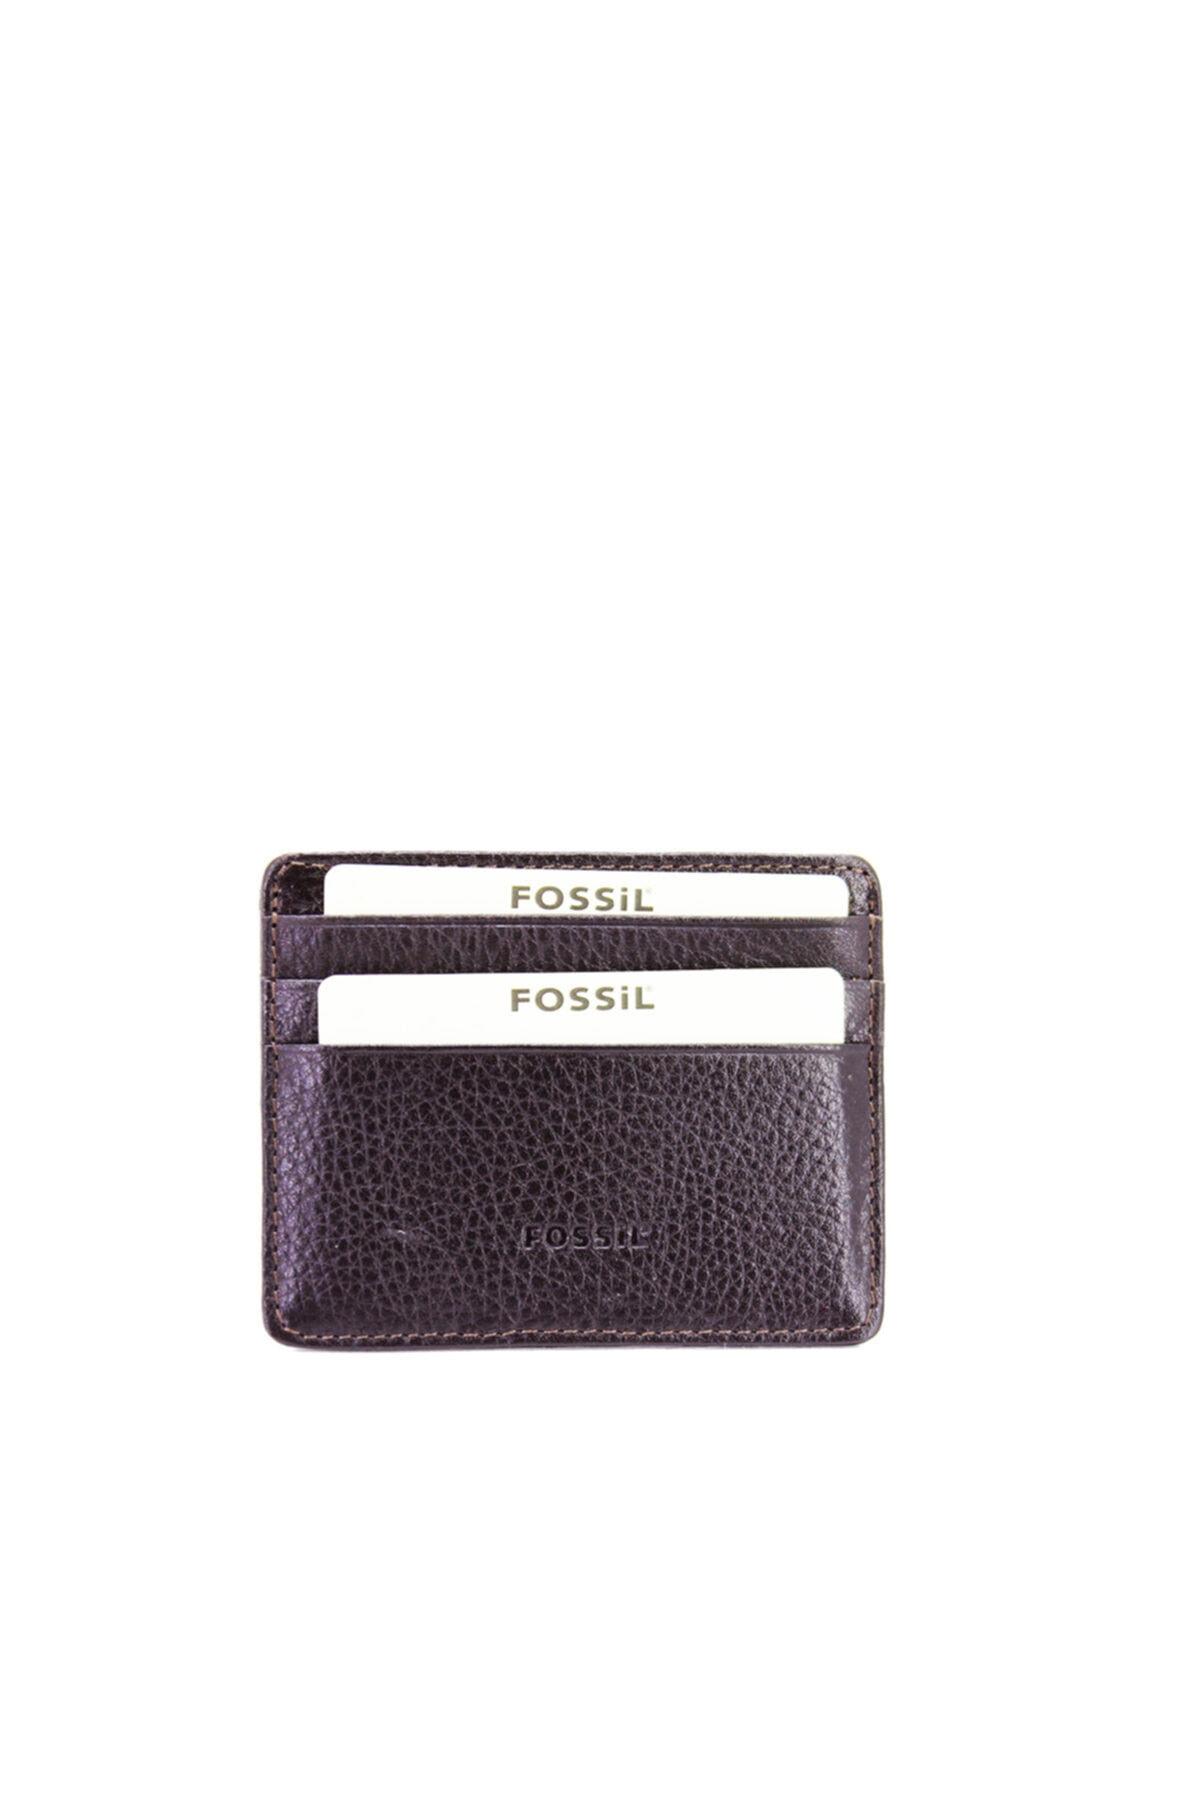 Fossil 6fsl-pk530 1